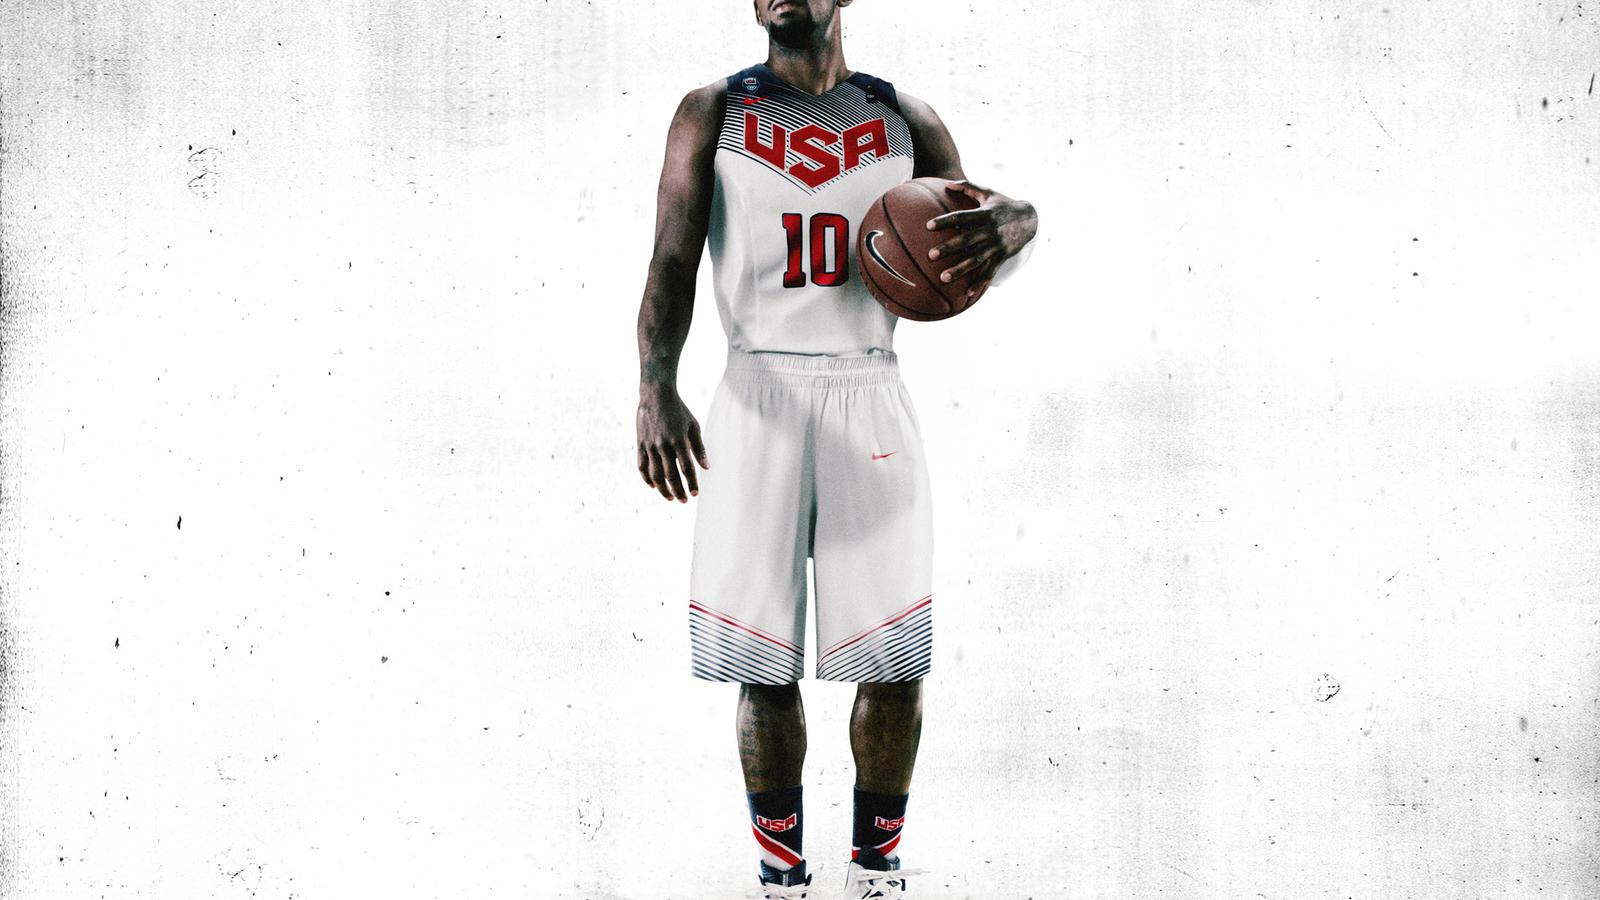 Nike Basketball Unveils USA Basketball Uniform Nike News